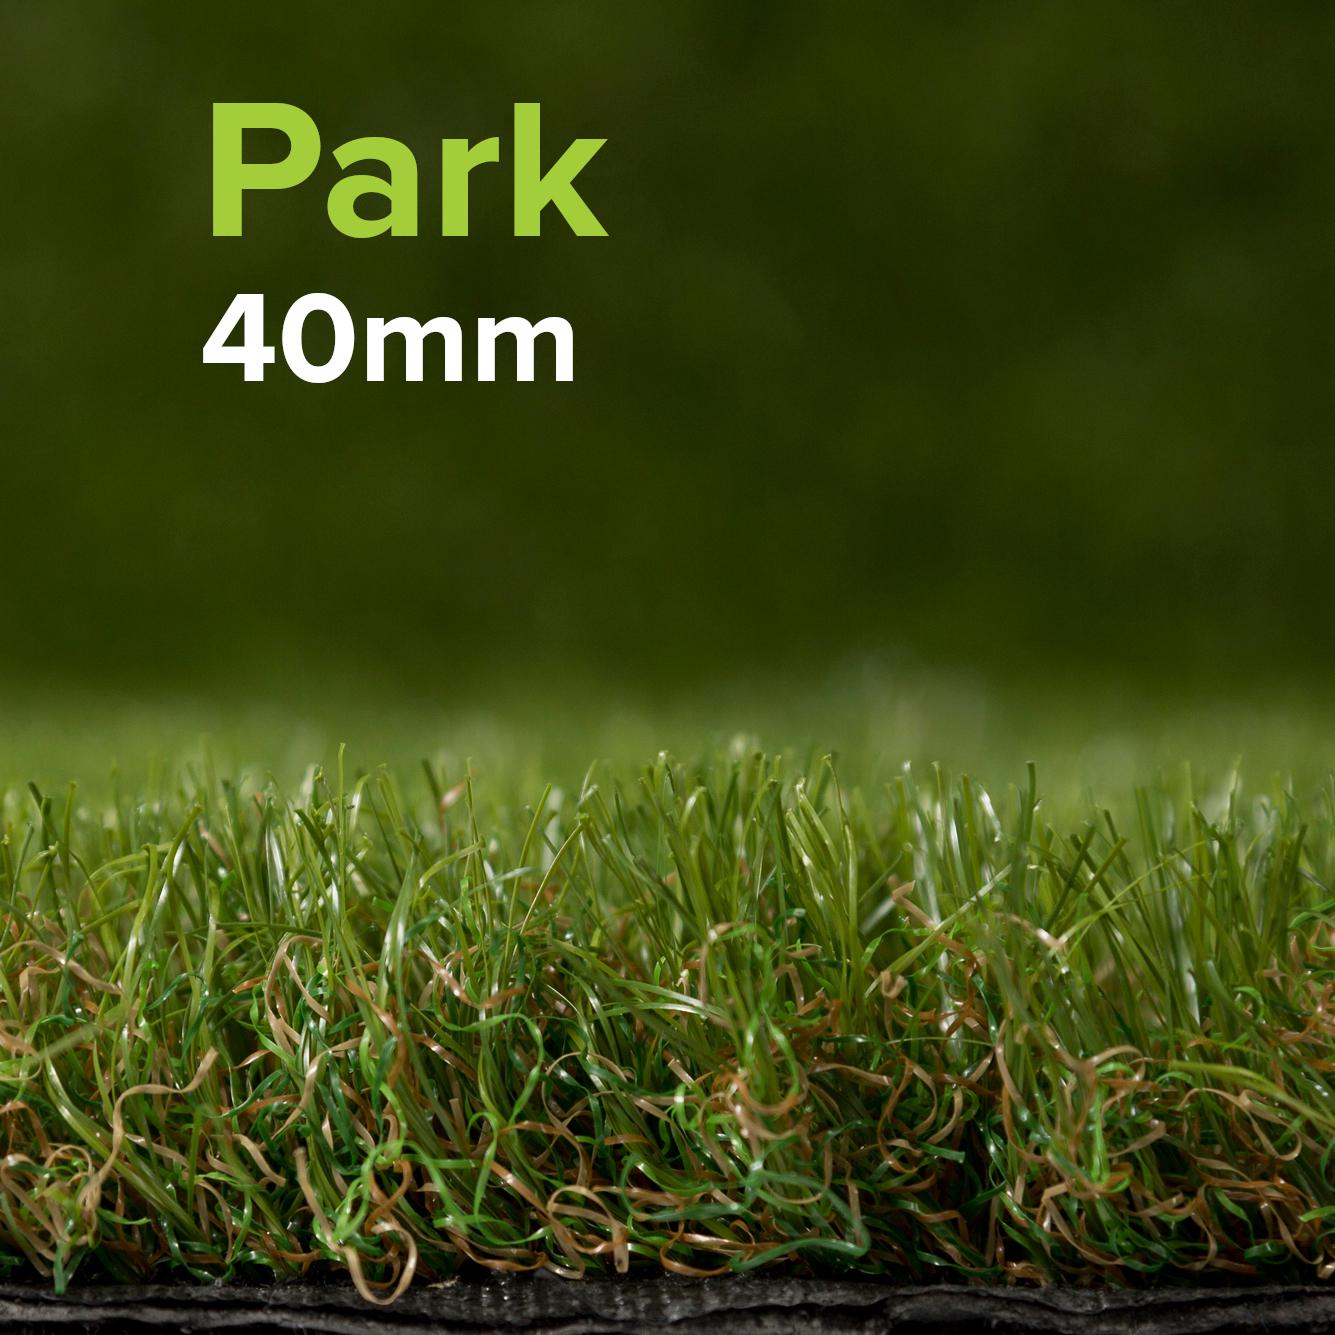 Park40mm